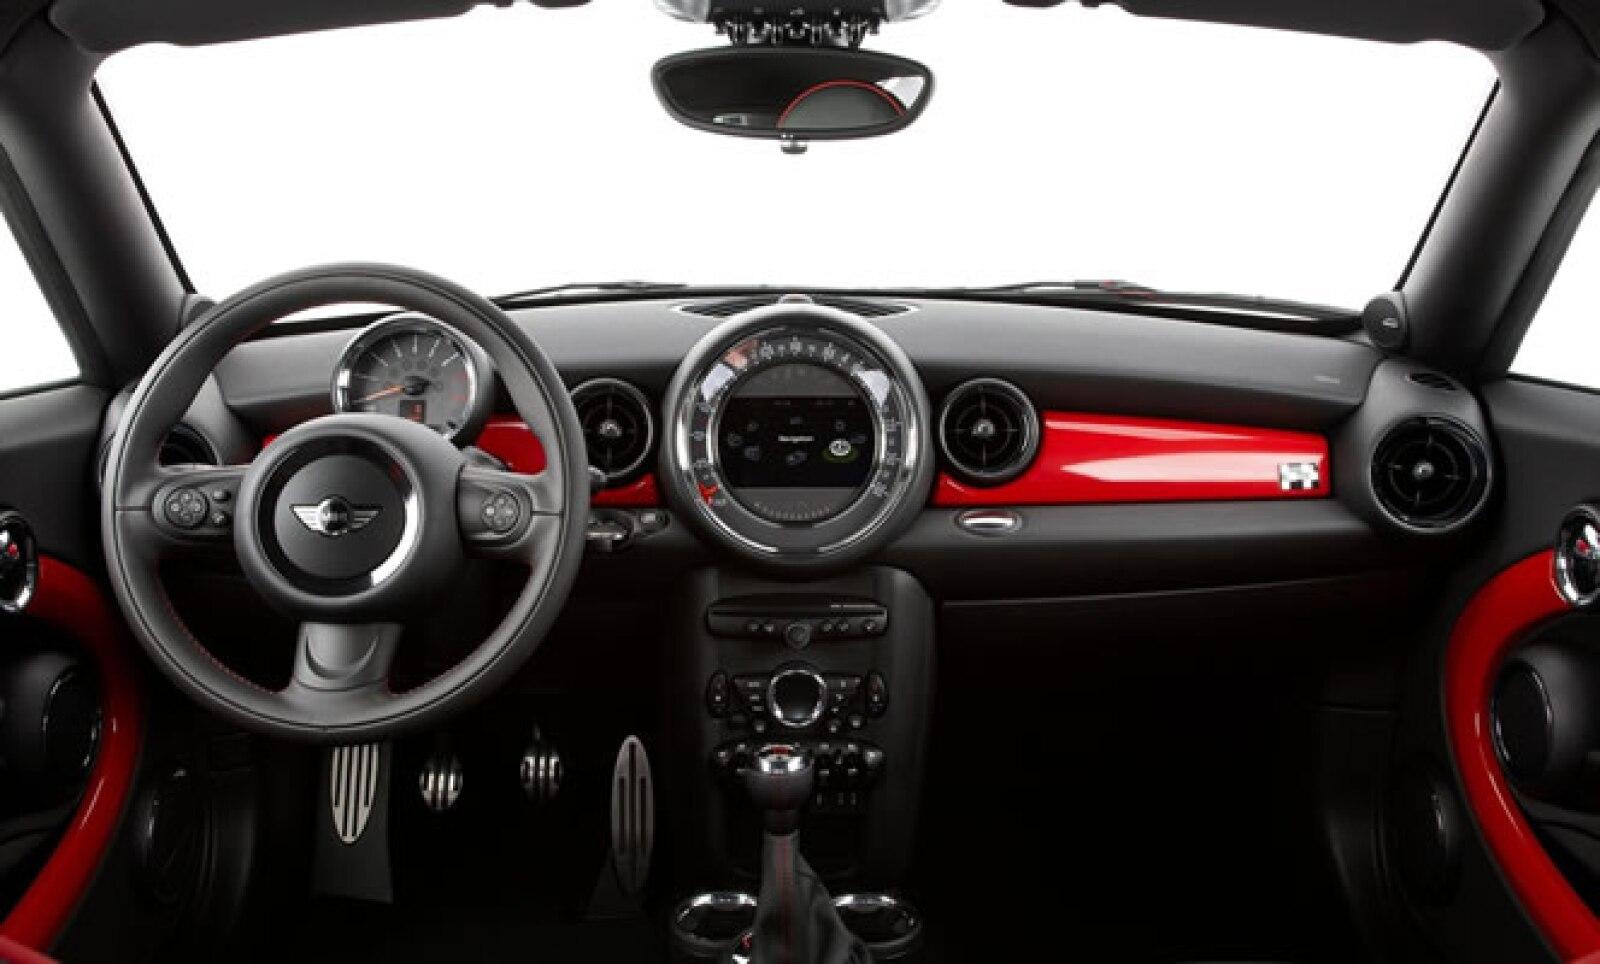 En materia de equipamiento destaca el sistema de audio Harman Kardon con interfaz USB, Bluetooth y sistema de navegación con pantalla de 6.5 pulgadas.